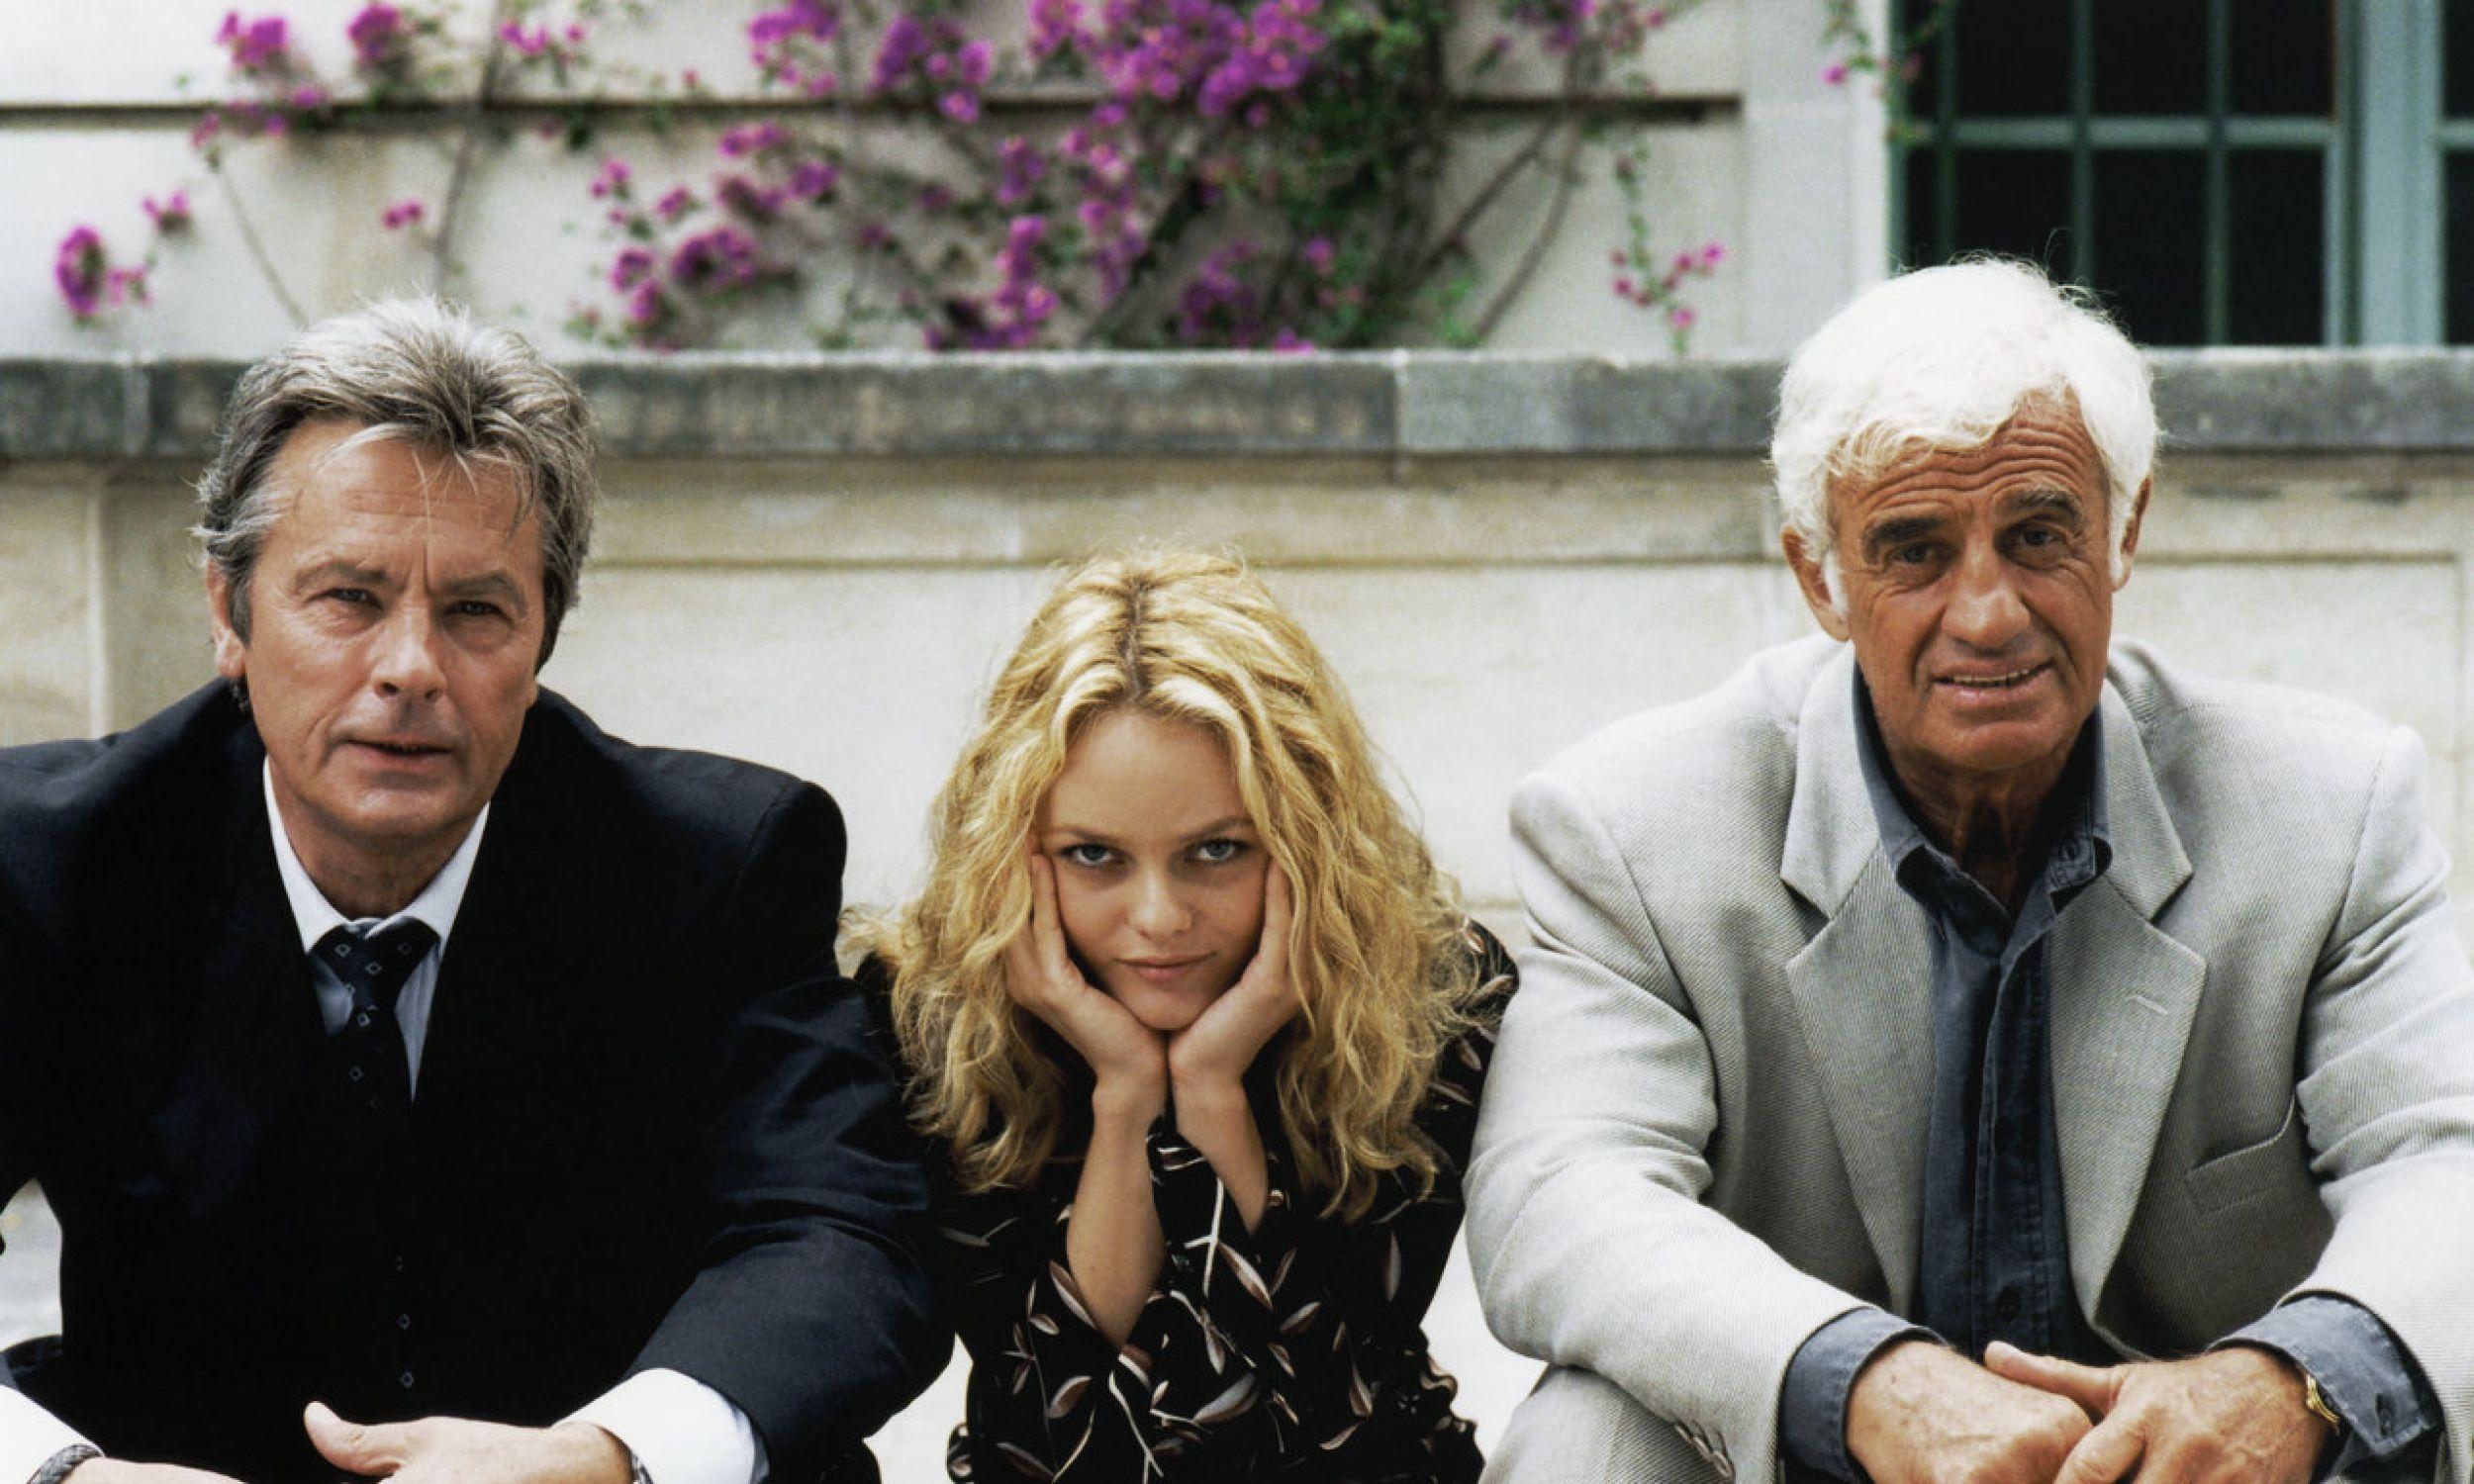 """Kochały ich panie na całym świecie, a wokół gromadziły się te najpiękniejsze. Prasa francuska polowała na zdjęcia kolejnych kobiet, dzieci i wnuków obu gwiazdorów. Nie dopuszczali mediów blisko: Delon zamknął się w swojej posiadłości, Belmondo odtrącał fotografów, zwłaszcza gdy robili zdjęcia dzieciom. Tu: Alain Delon, Vanessa Paradis i Jean-Paul Belmondo na planie filmu """"Dziewczyna dla dwóch"""" (Une chance sur deux) w reżyserii Patrice'a Leconte. 1997 rok. Fot. Patrick CAMBOULIVE/Sygma via Getty Images"""